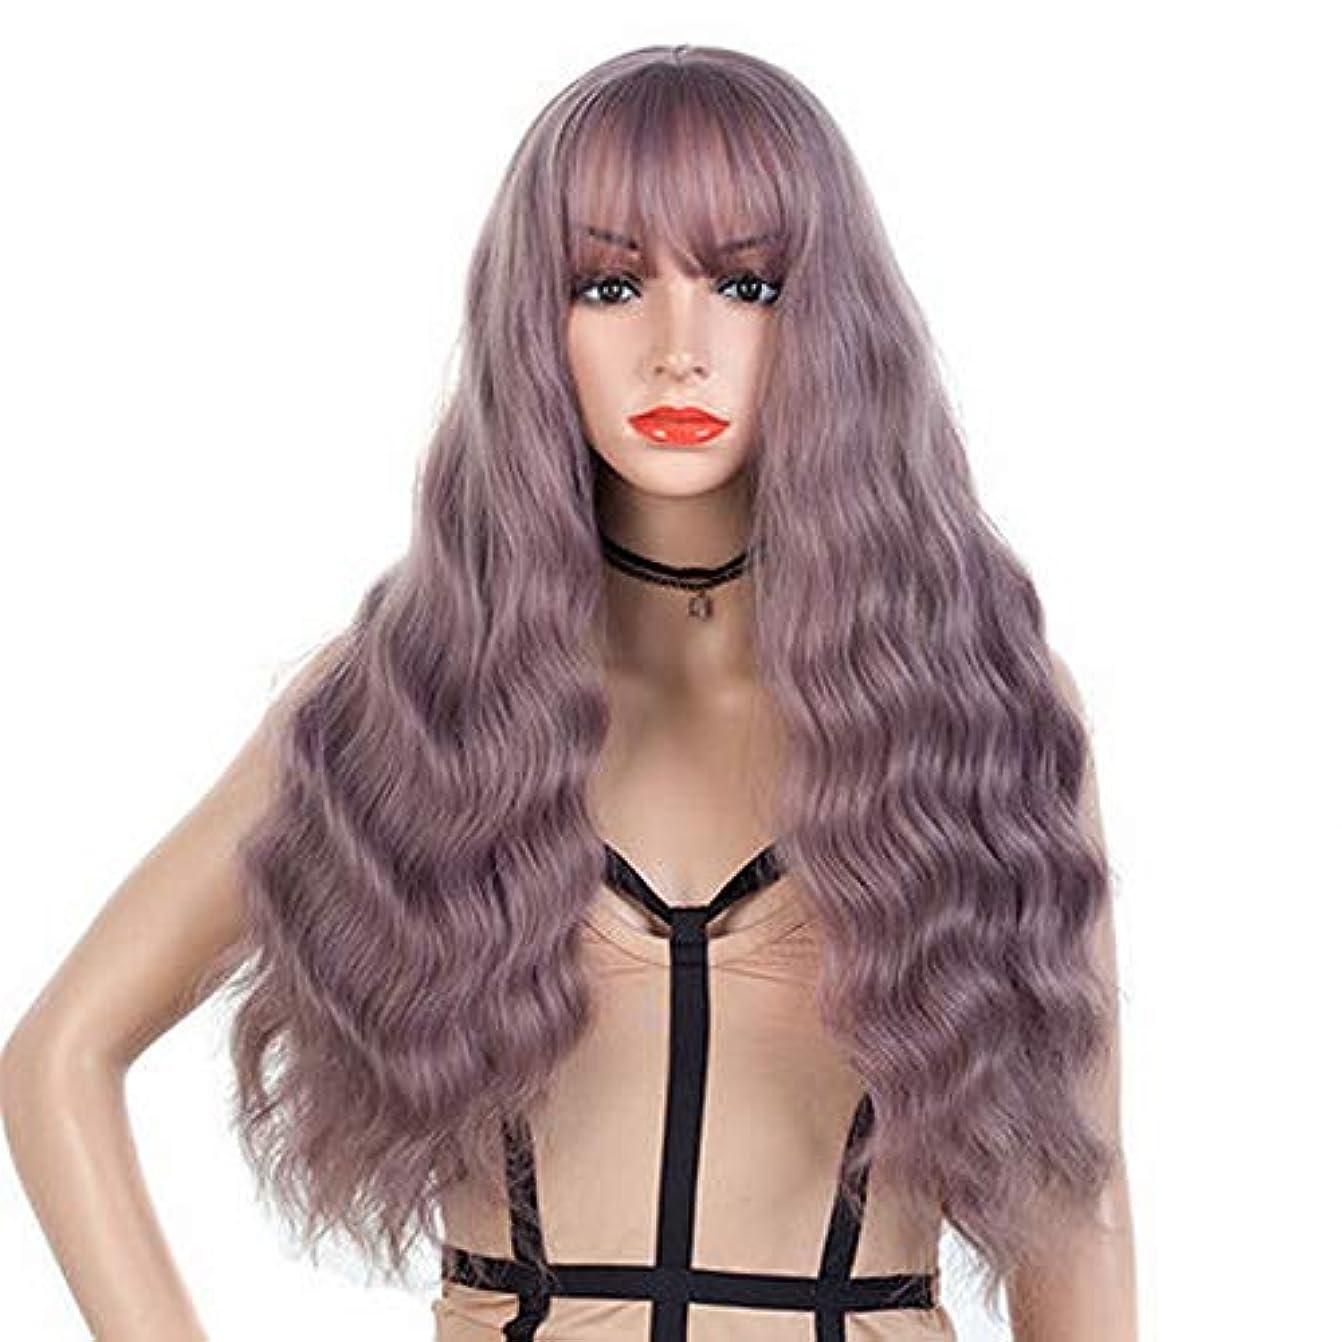 透過性最も早い受賞女性のための色のかつら長いウェーブのかかった髪、高密度温度合成かつら